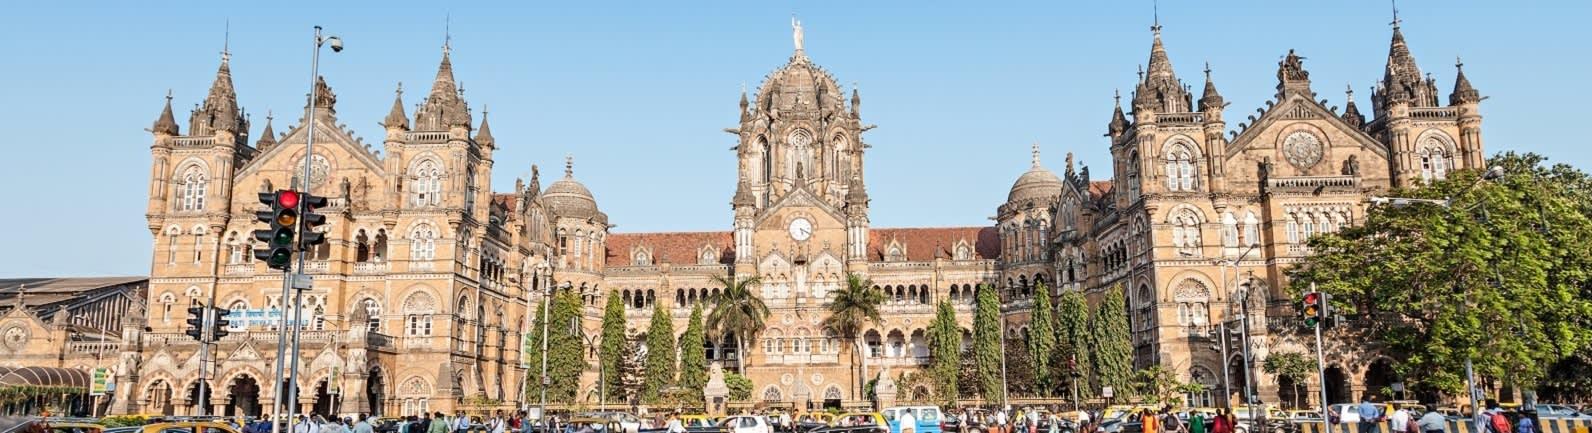 Mumbai train station - India Tours - Enchanting Travels